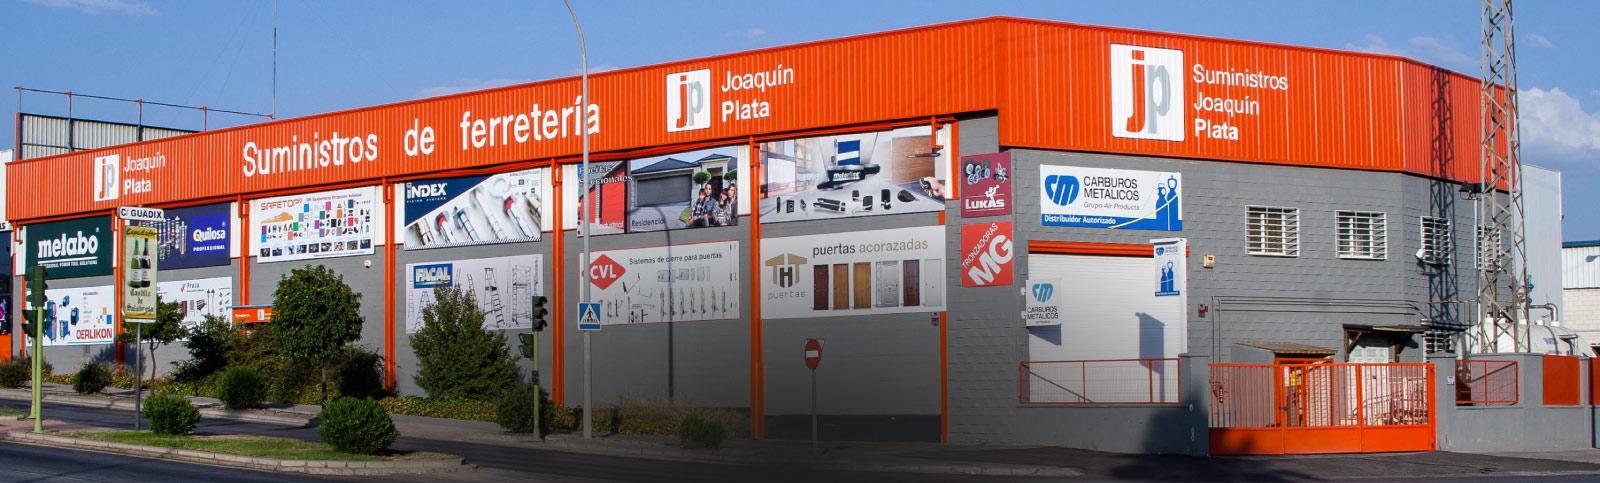 Desarrollo a medida de tienda online en Granada para Suministros Joaquín Plata